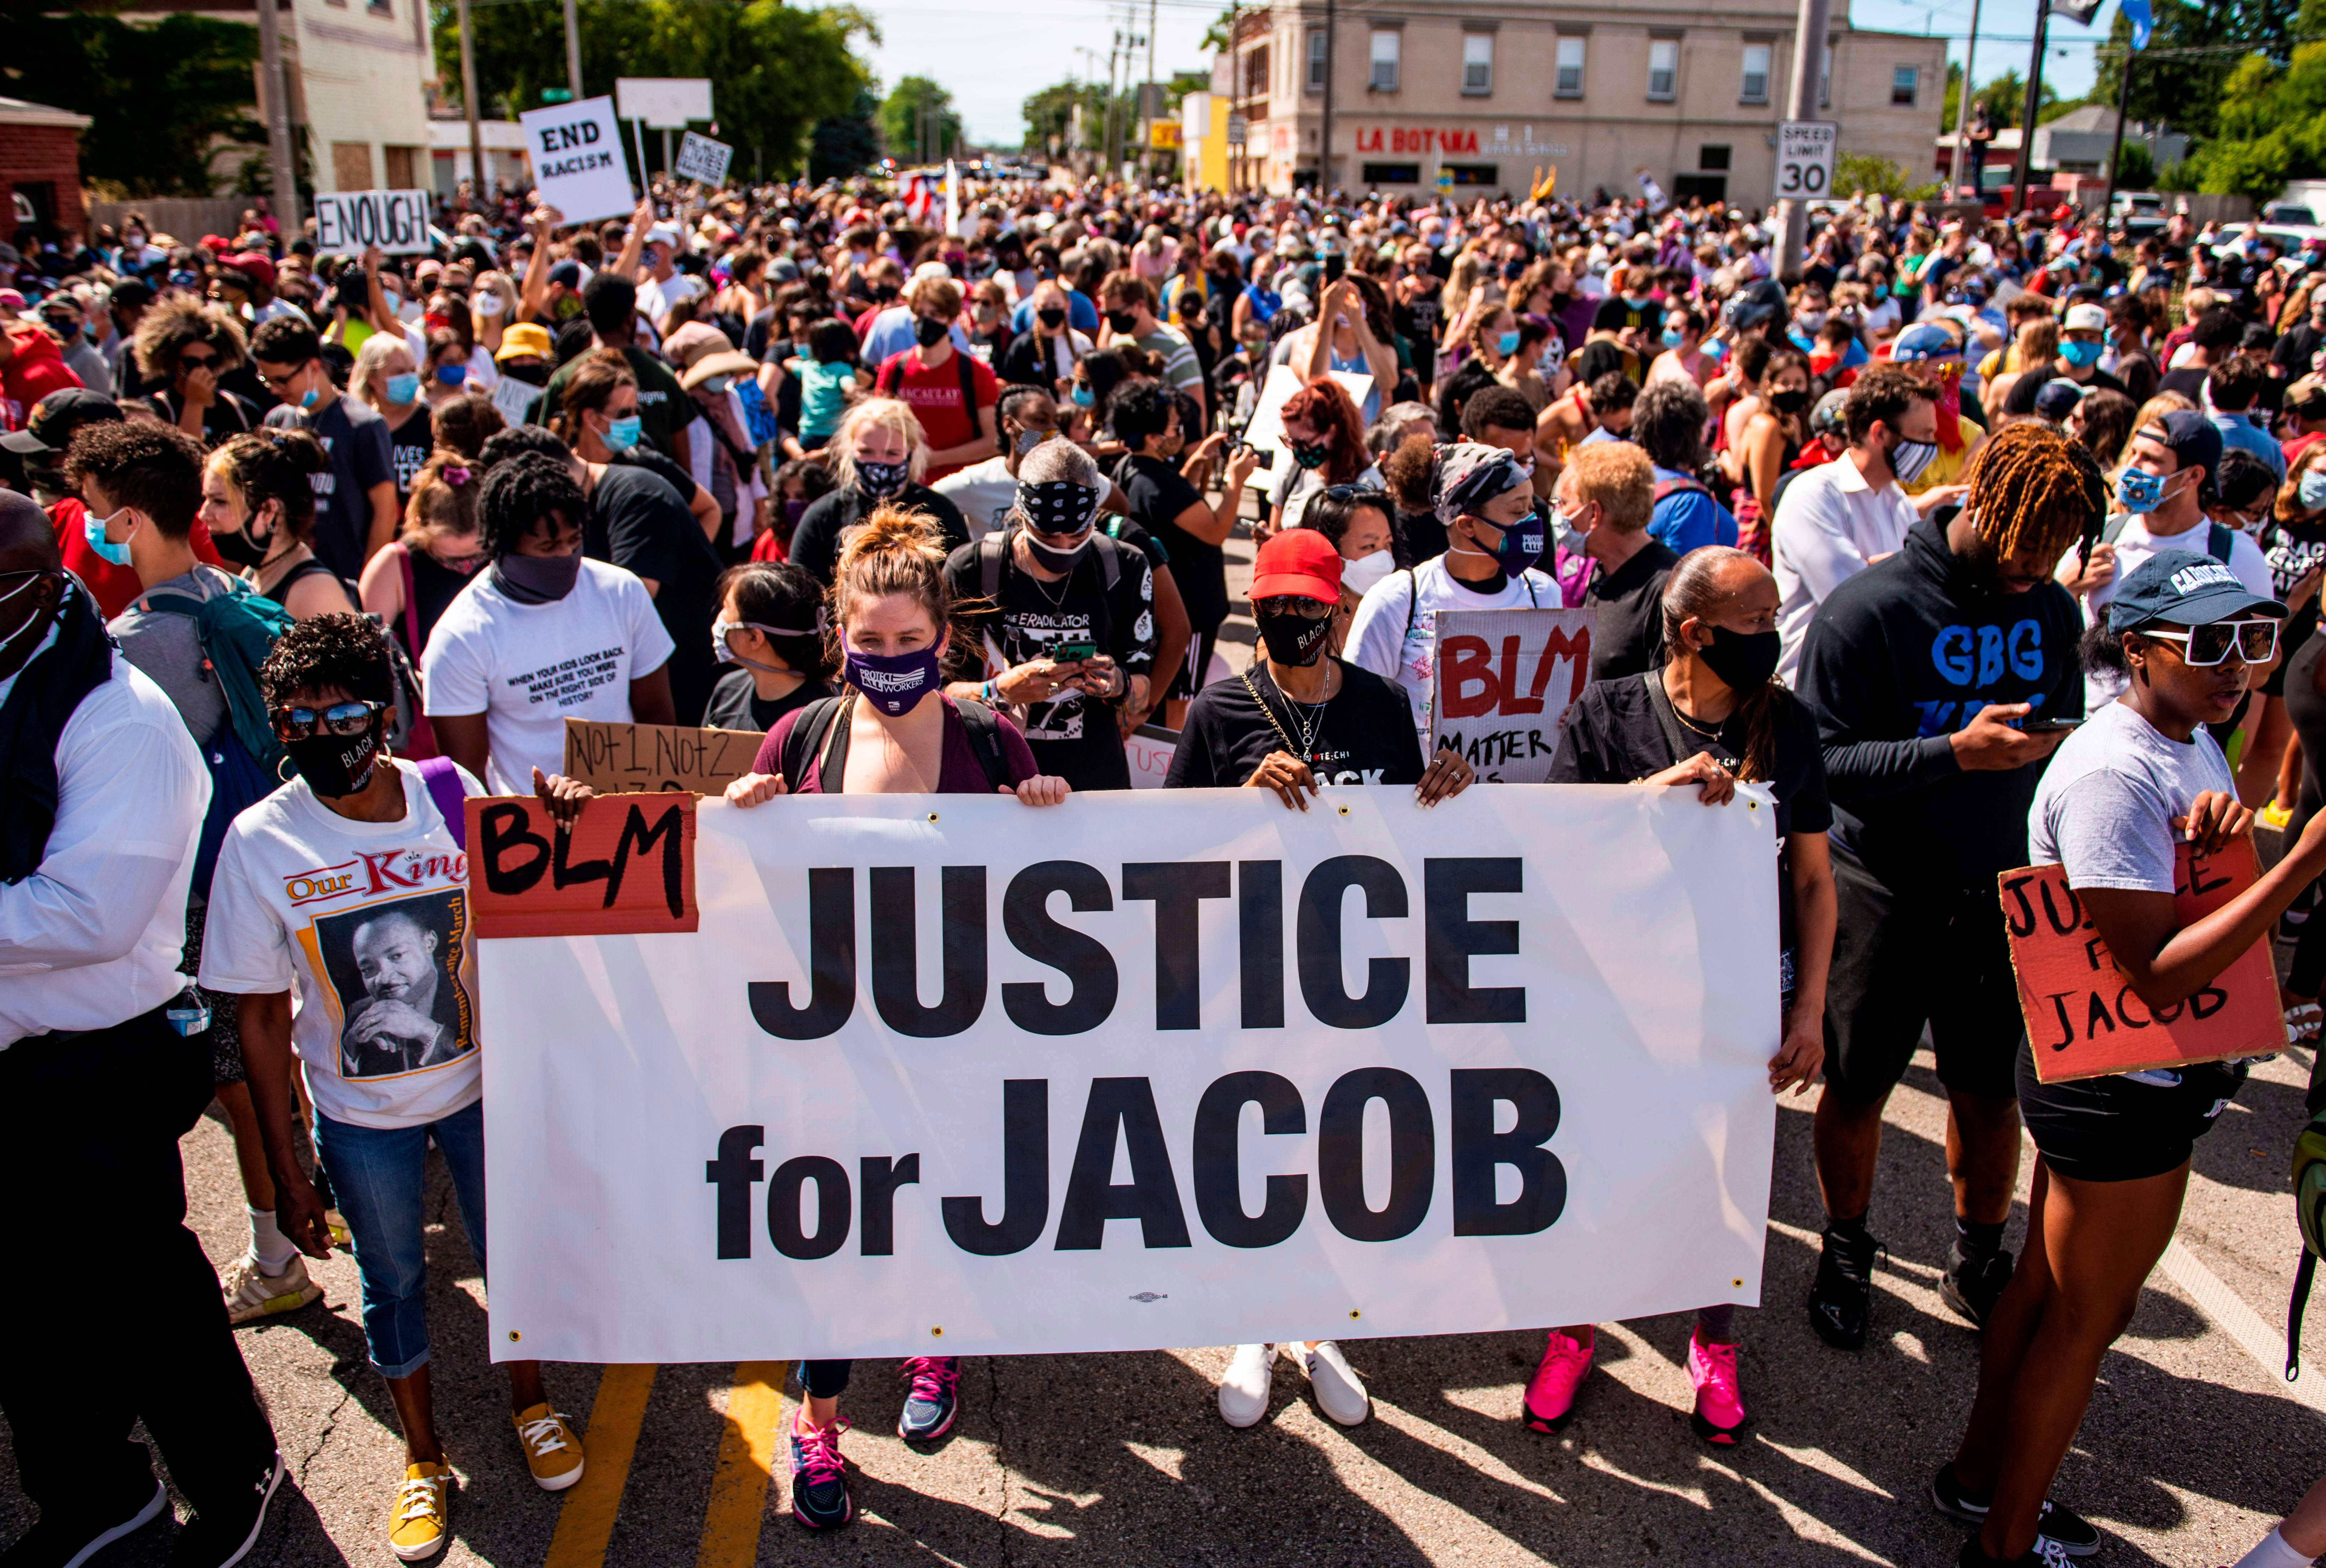 Los manifestantes marchan con la familia de Jacob Blake en una manifestación contra el racismo y la brutalidad policial en Kenosha, Wisconsin, en agosto del año pasado.